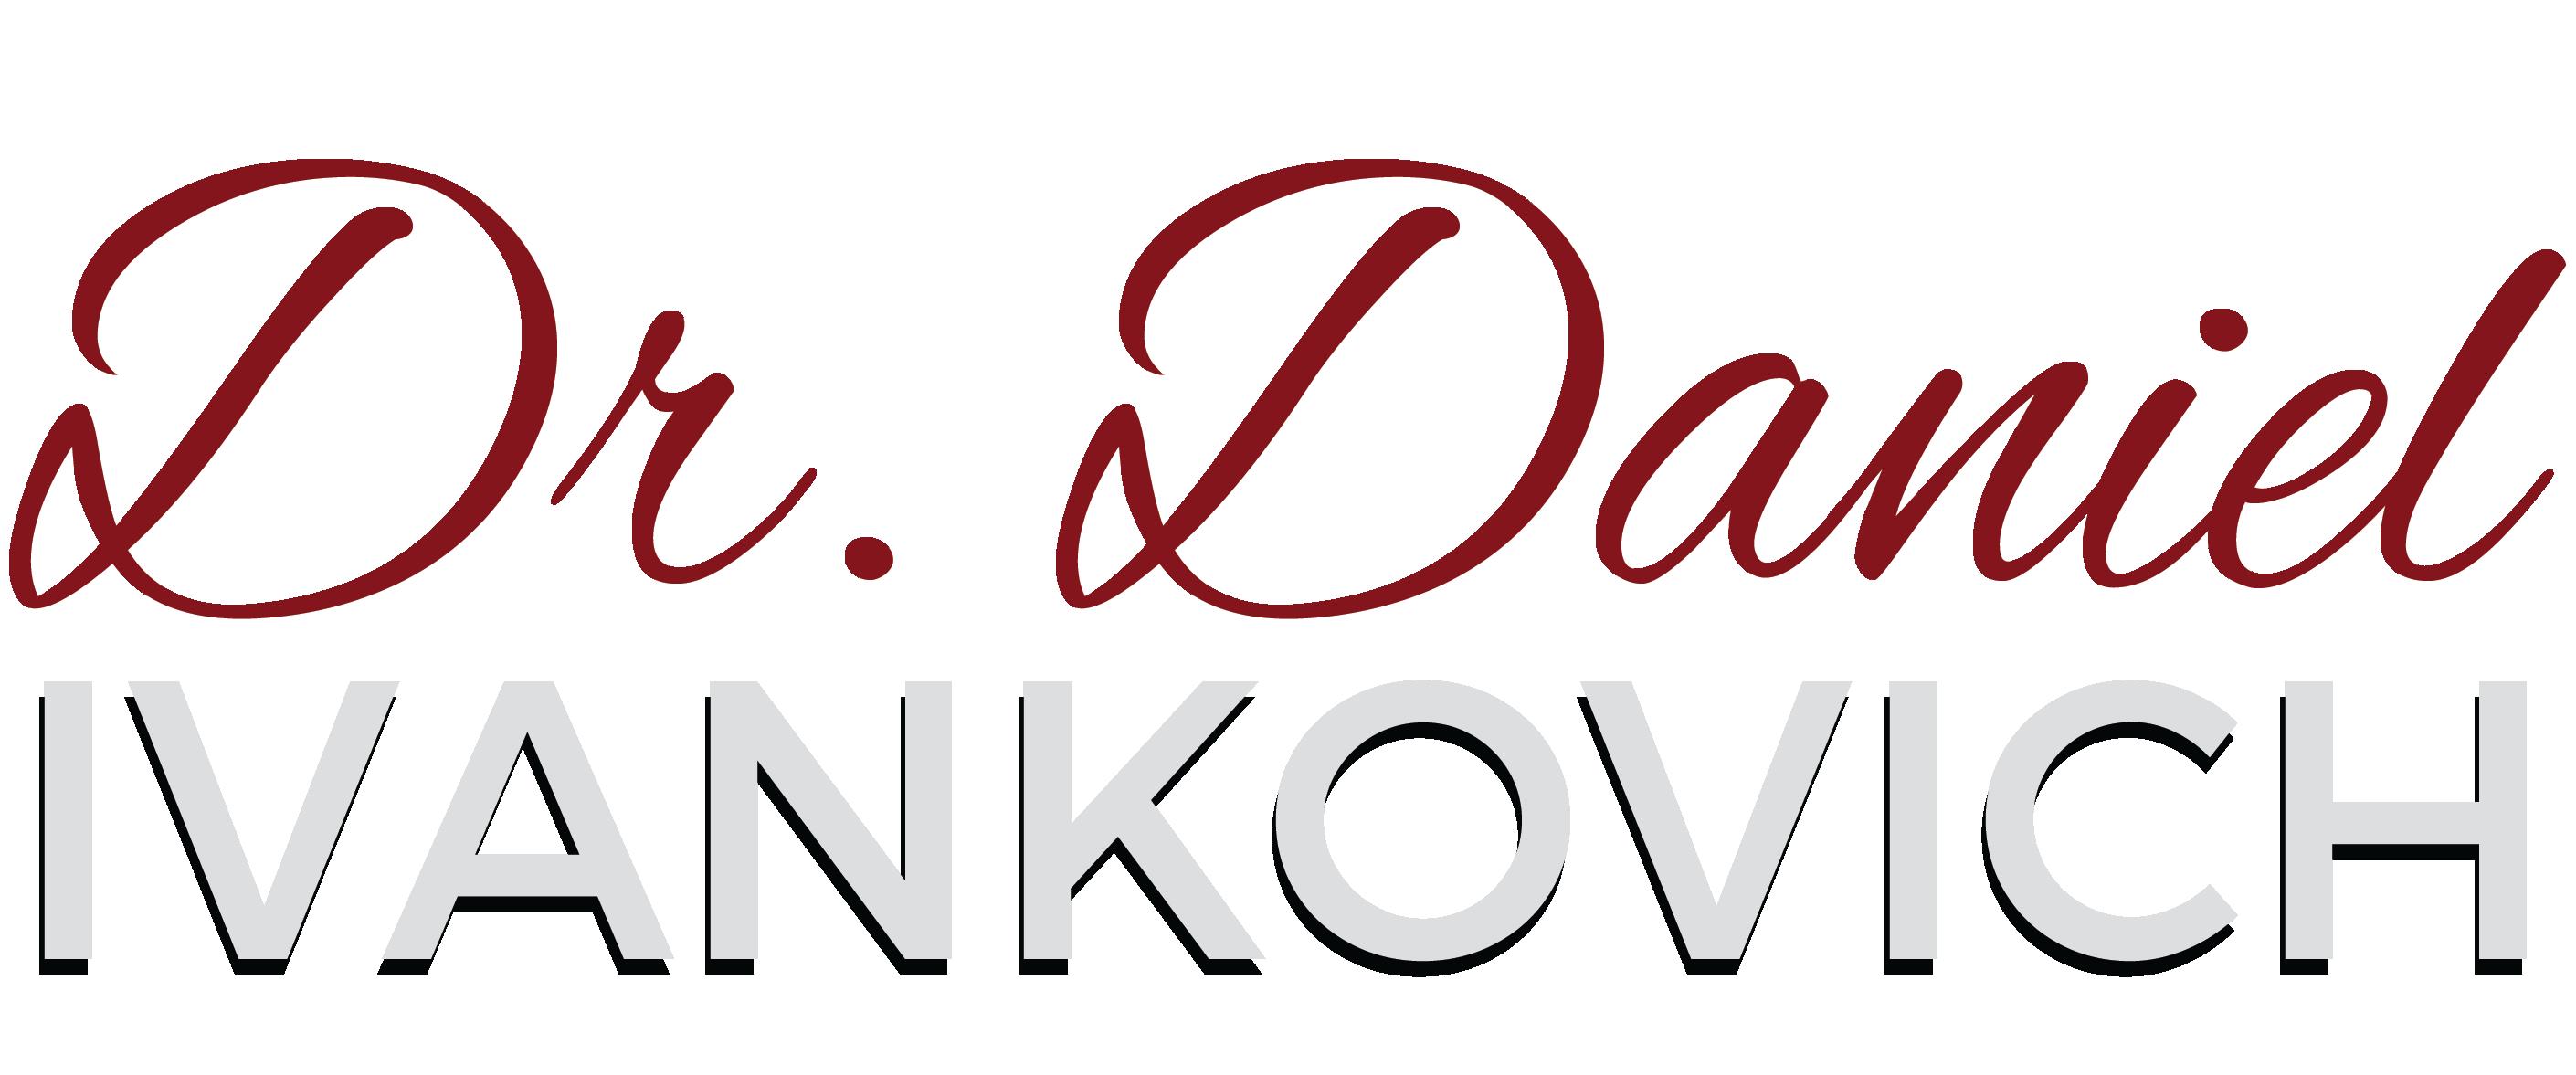 Dr. Daniel Ivankovich MD,